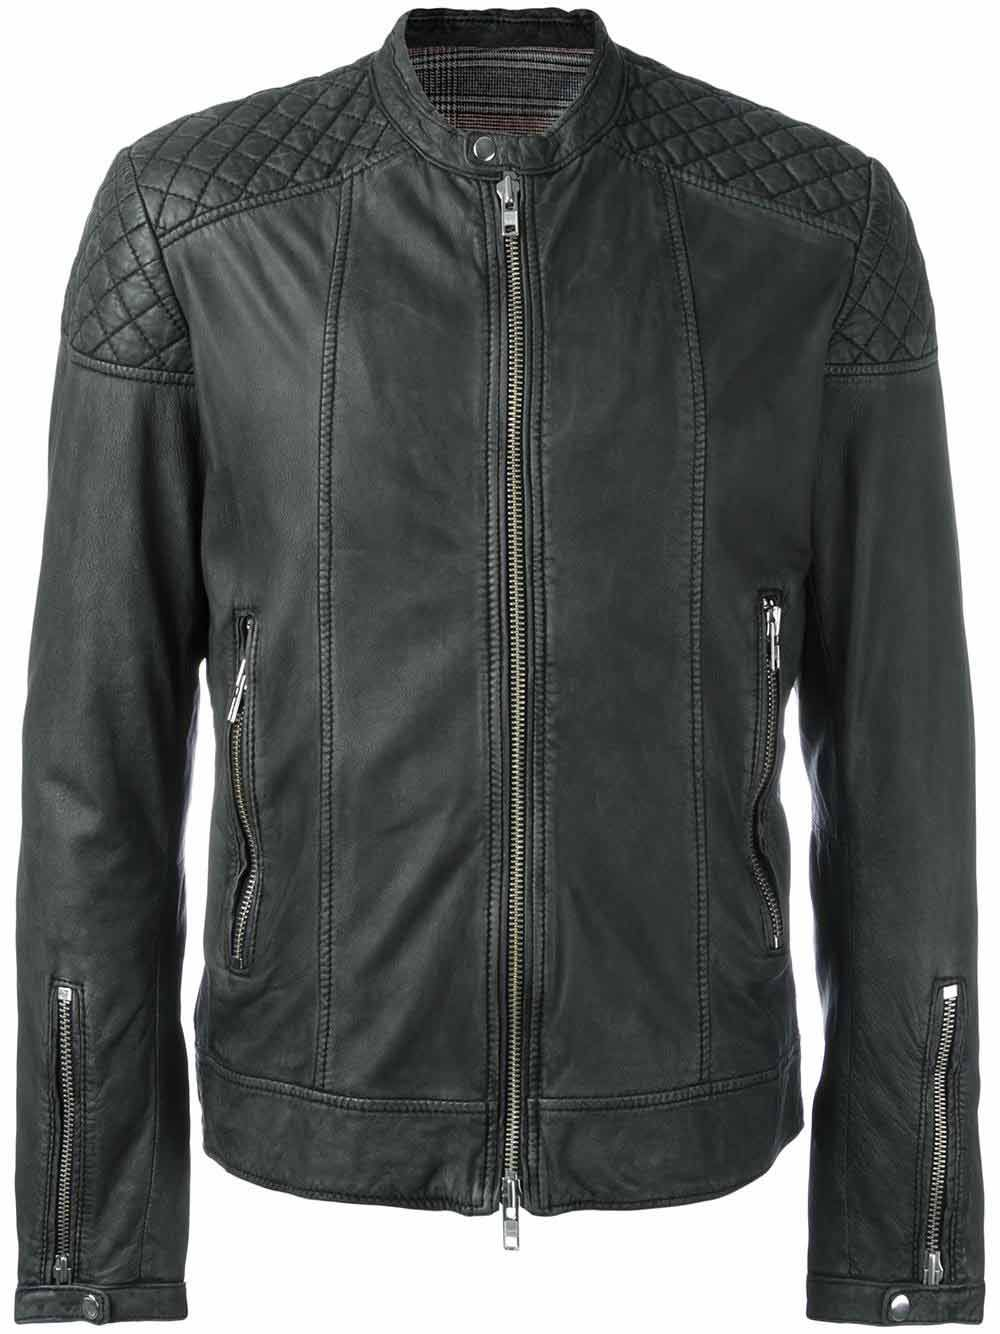 Latest Winter Jackets For Men In Pakistan 2021 2022 Winter Fashion Jackets Winter Jacket Men Mens Fall [ 1334 x 1000 Pixel ]